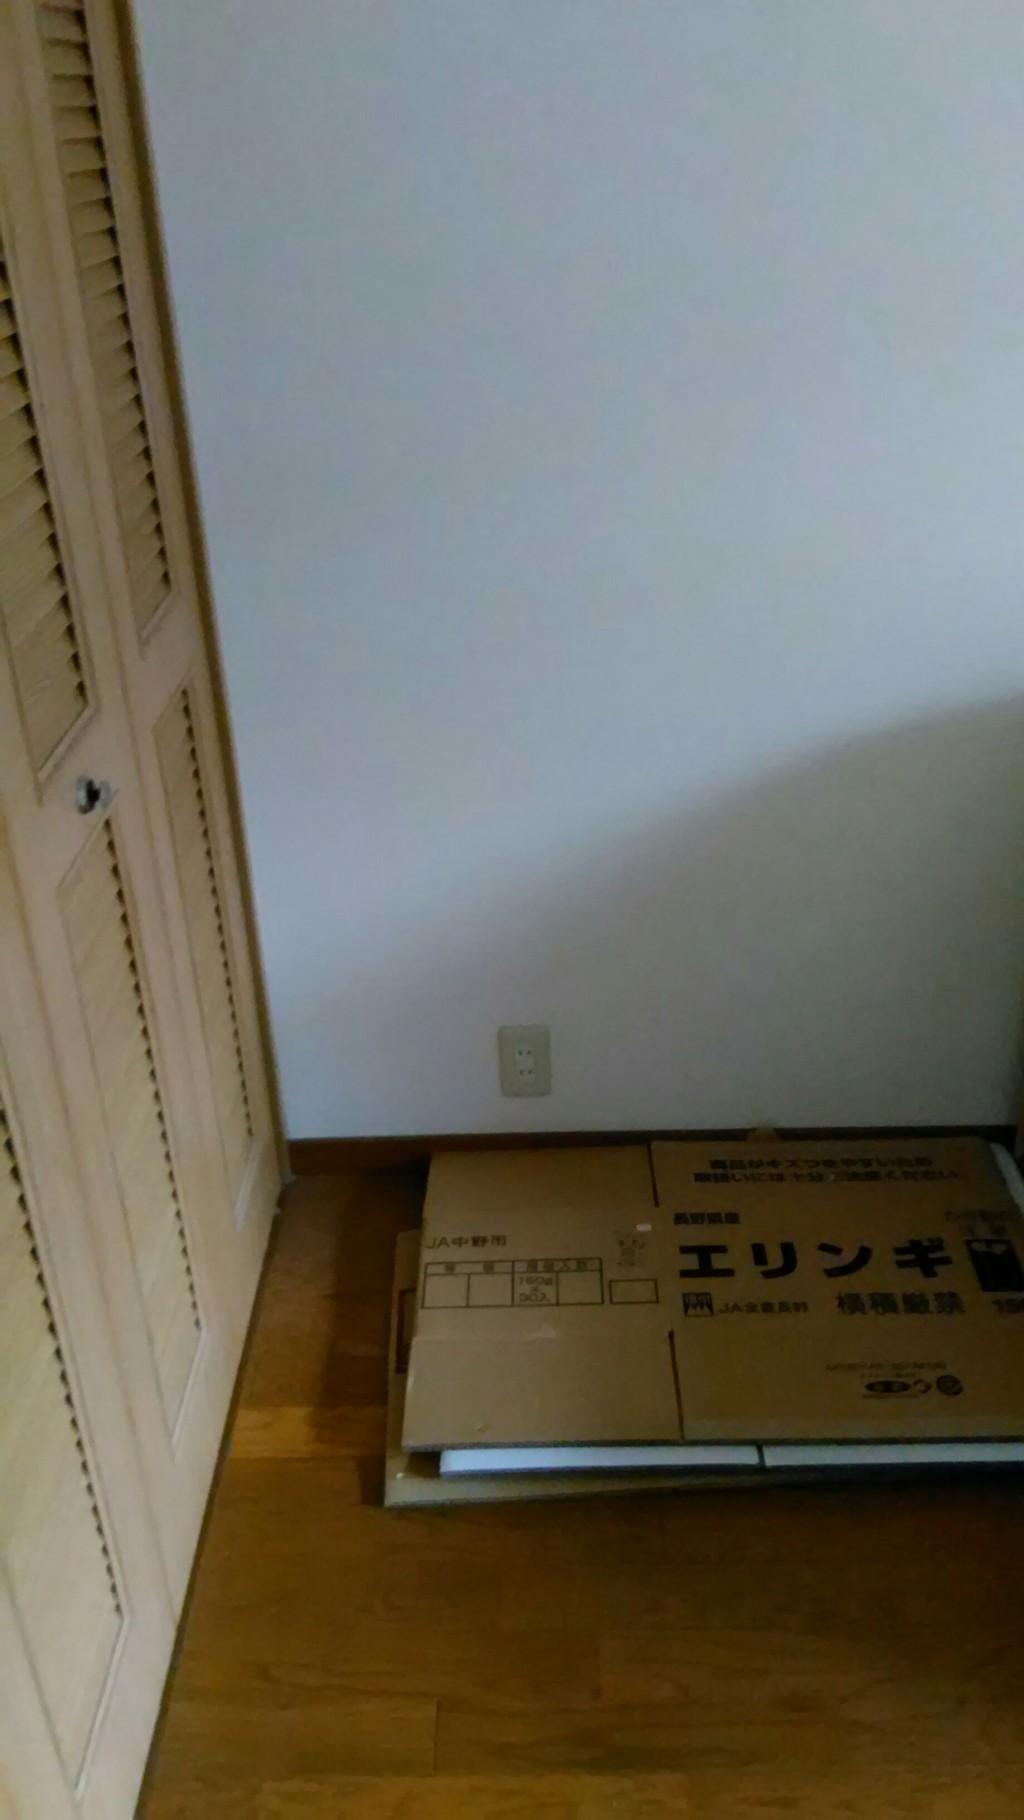 【富山市久方町】マッサージチェアの買取、冷蔵庫の処分 お客様の声